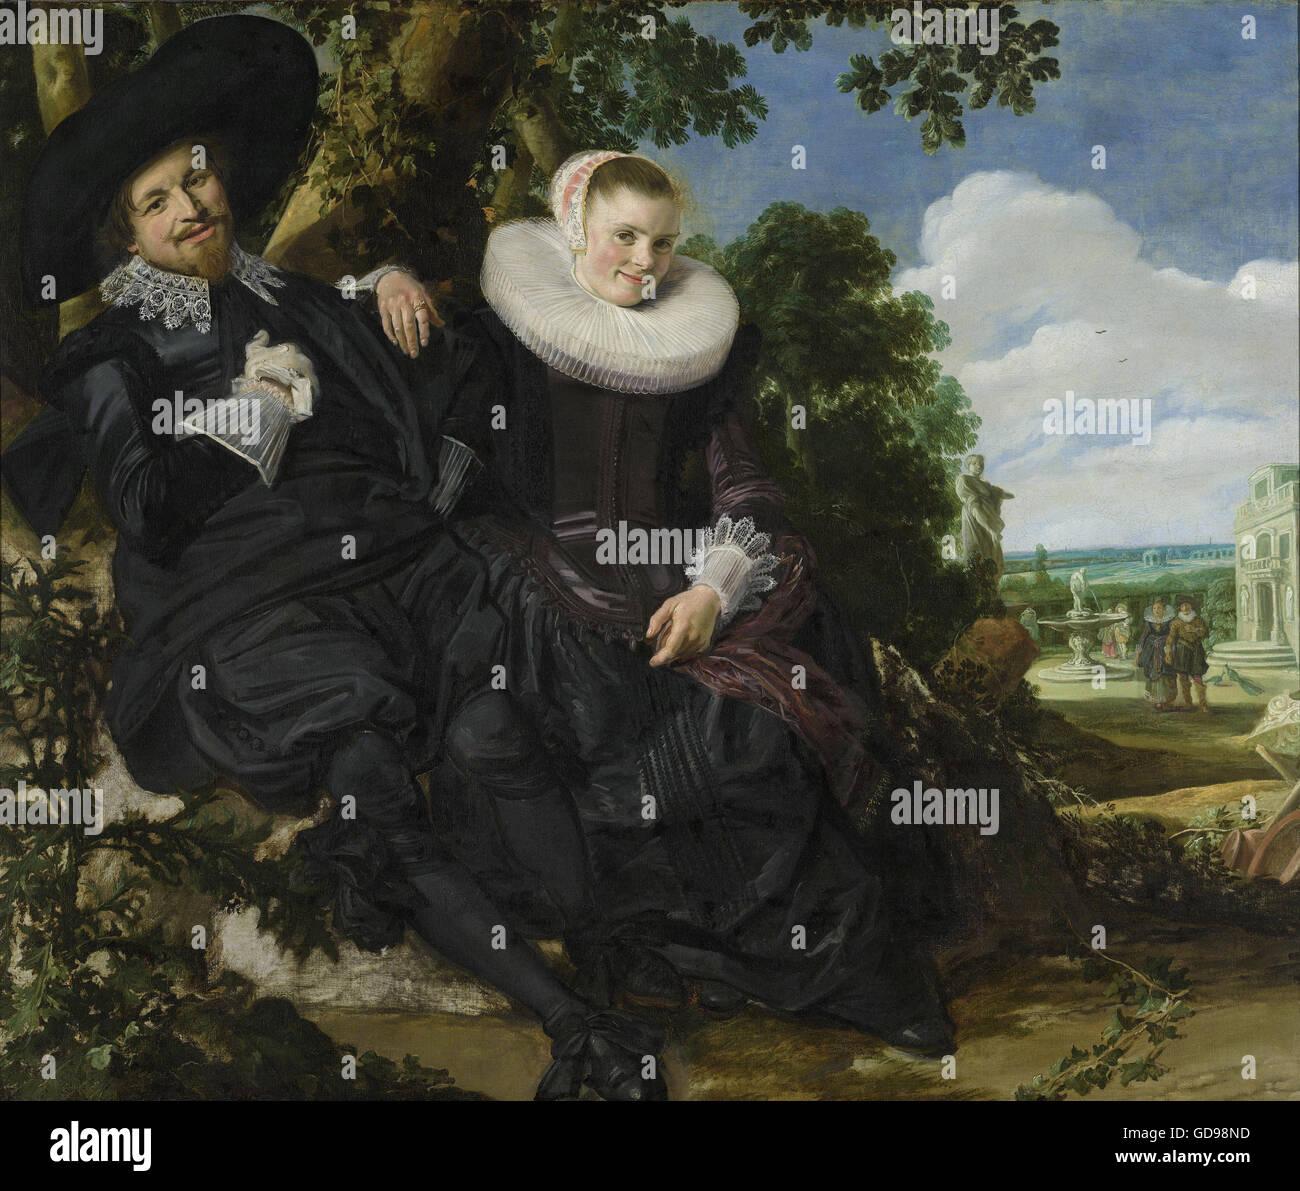 Frans Hals - Portret van een stel in een landschap Immagini Stock